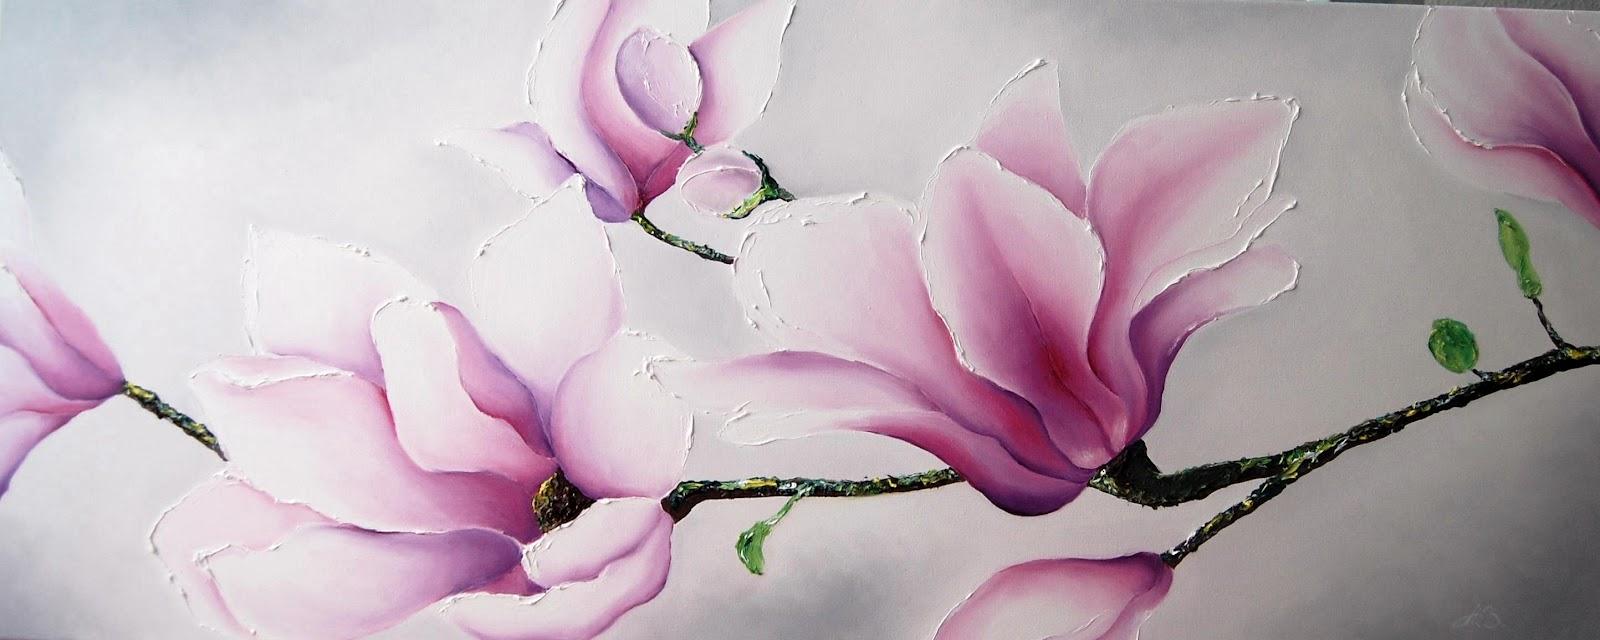 al por mayor flor de magnolia de pinturas AliExpress en